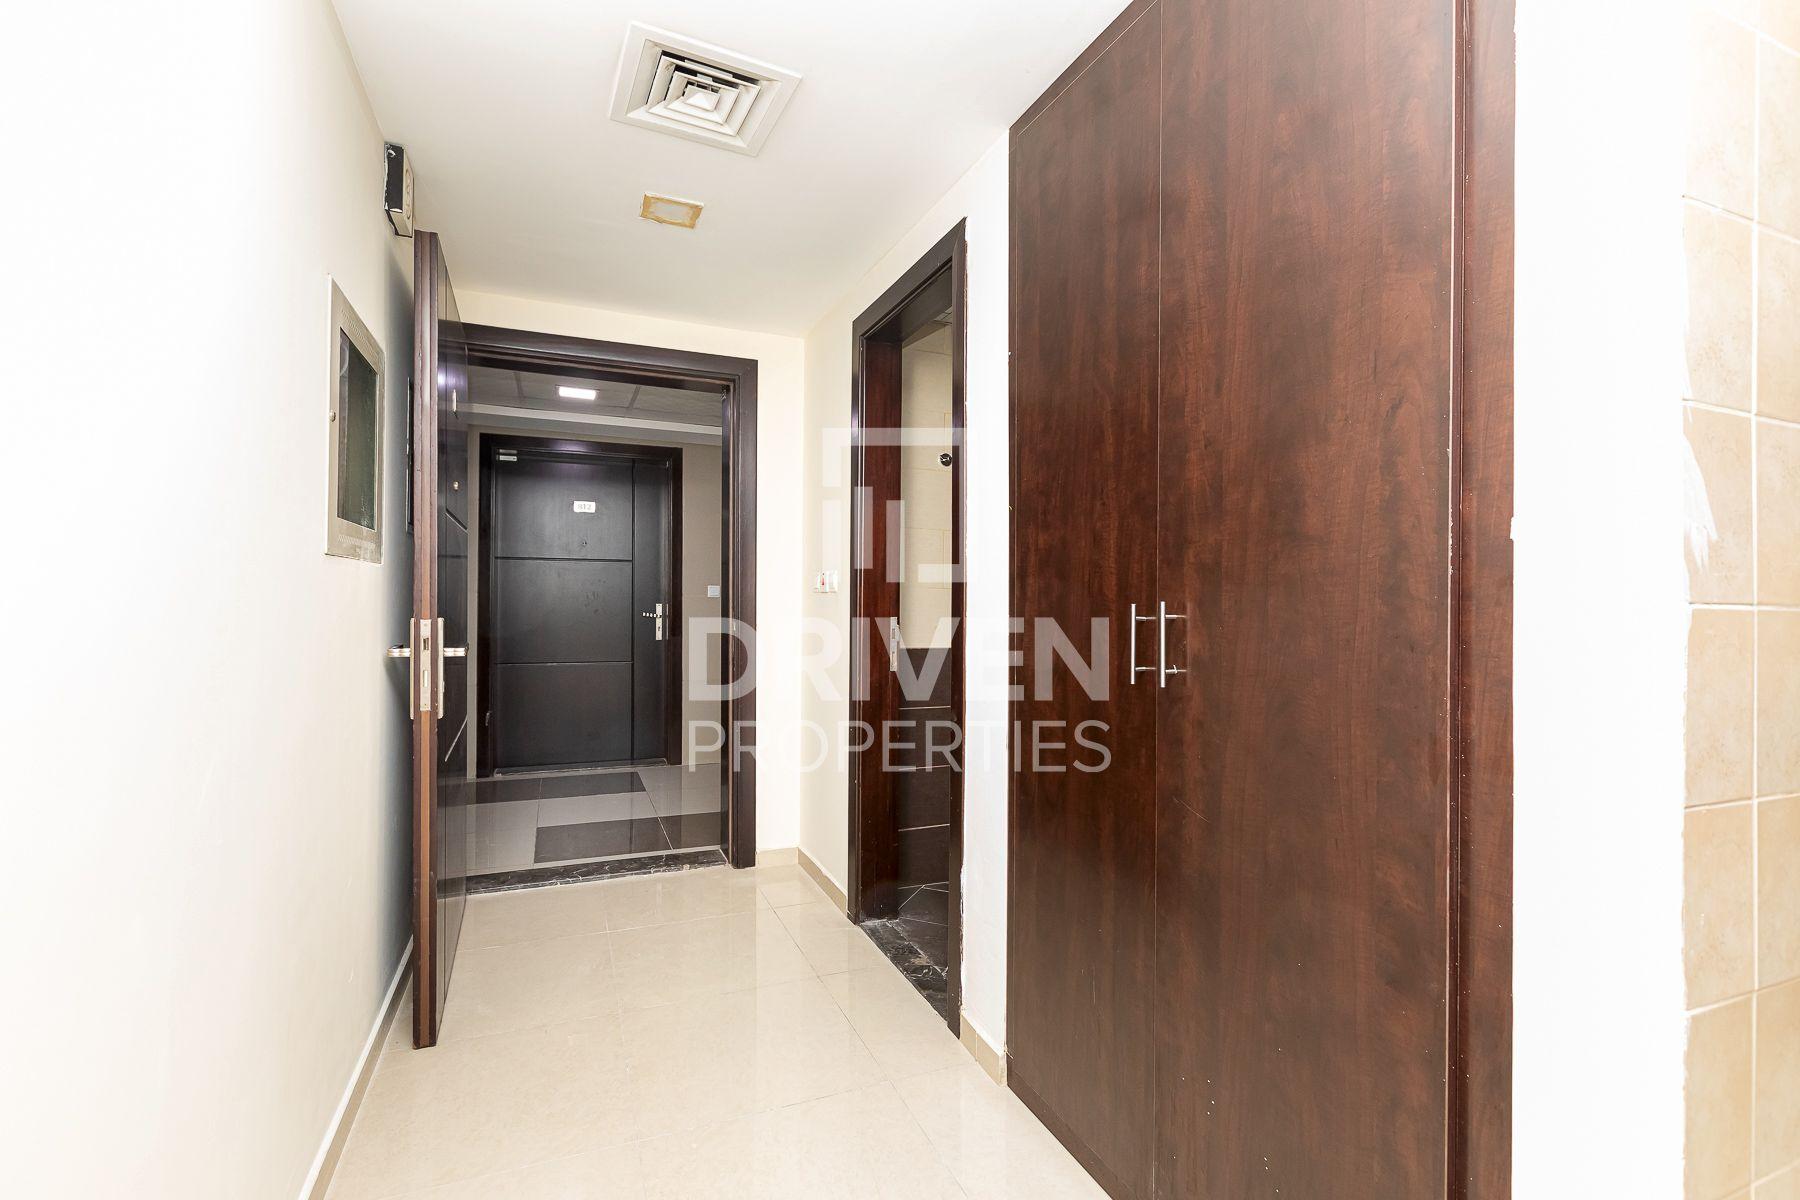 للايجار - ستوديو - برج فرانكفورت - مدينة دبي الرياضية